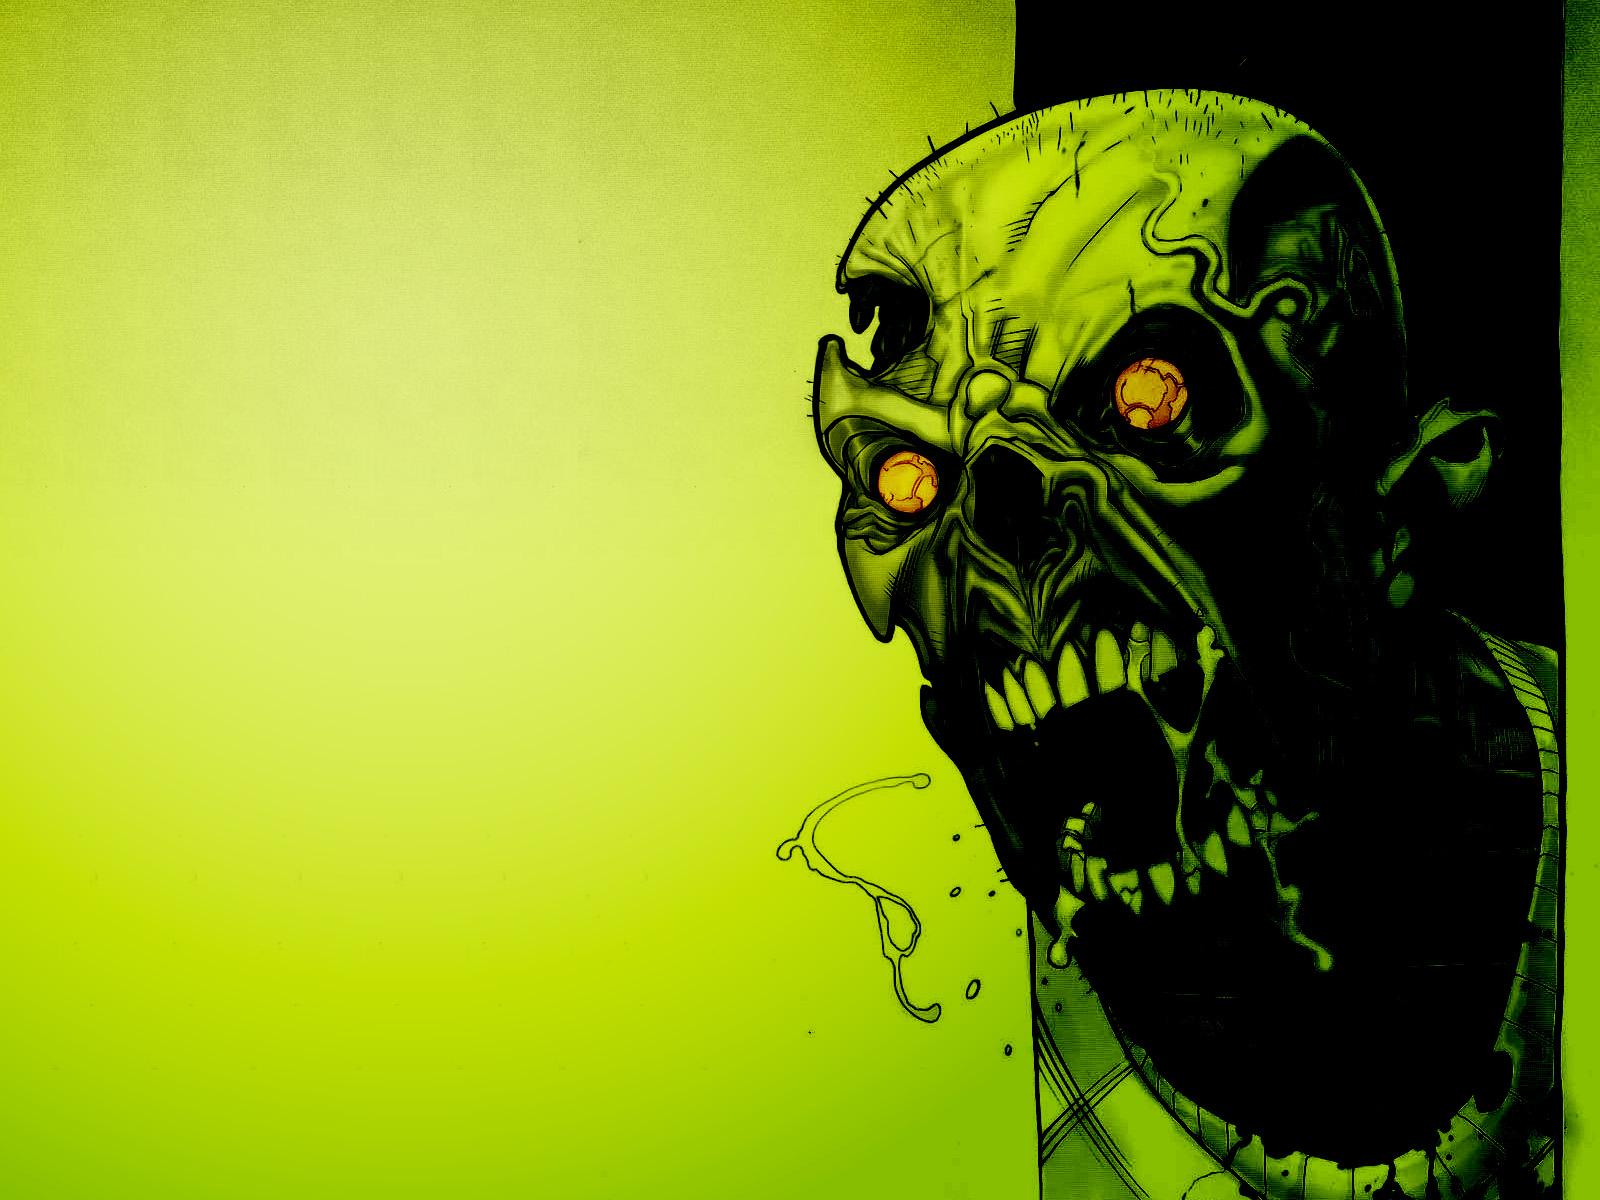 http://1.bp.blogspot.com/-0scbf1zBYrM/TqwE5jRVtkI/AAAAAAAADlE/emLwjNSrWIk/s1600/horror-wallpaper-202003.jpeg